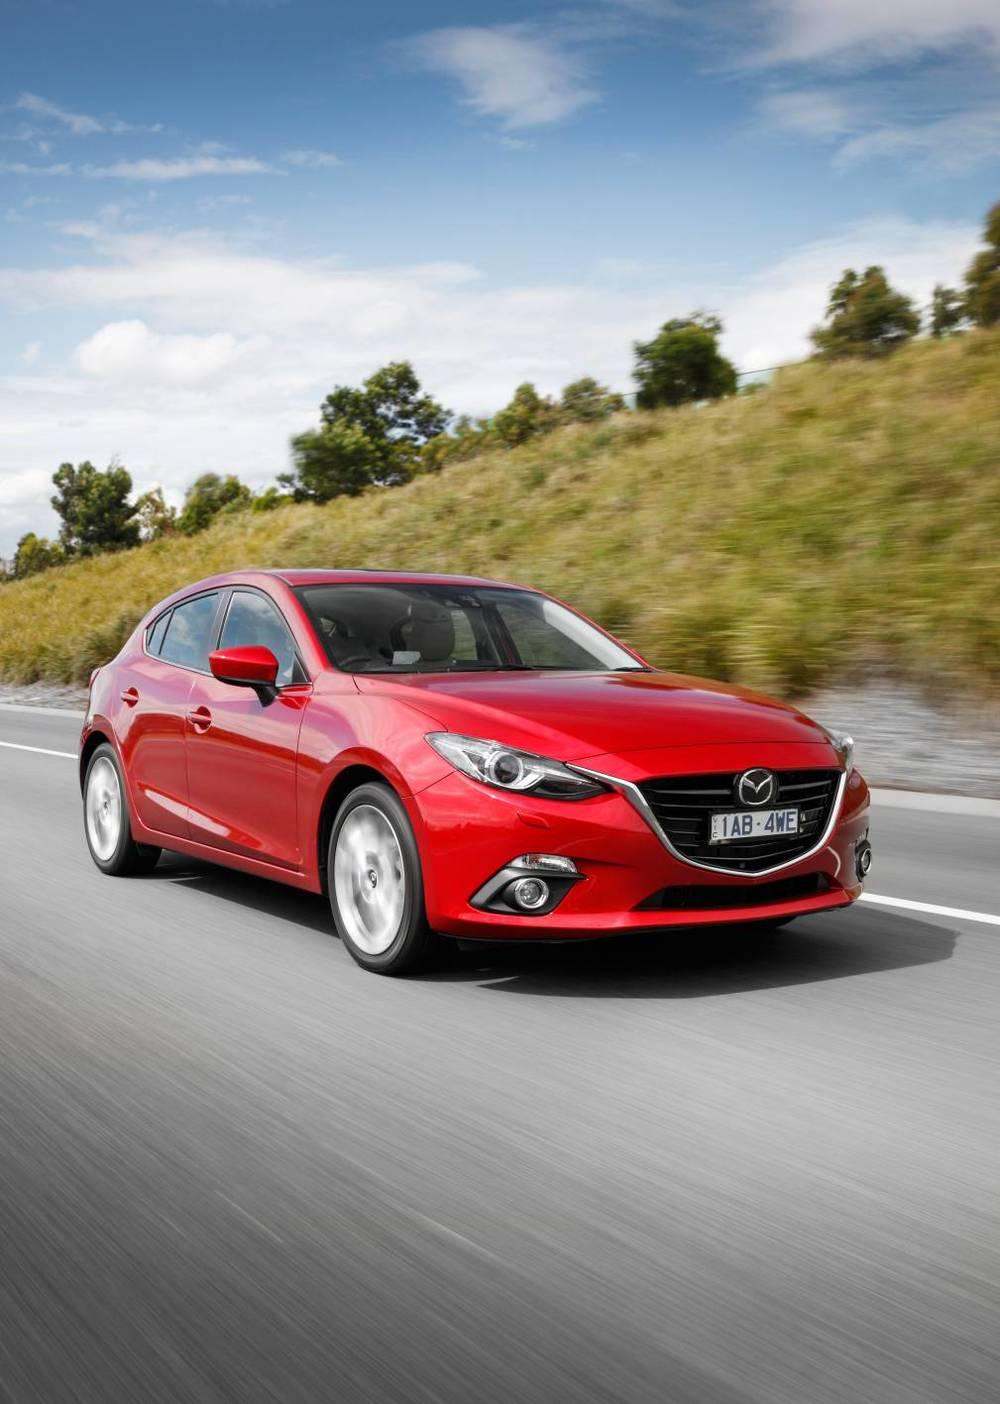 2014 Mazda3 Astina 16.jpg